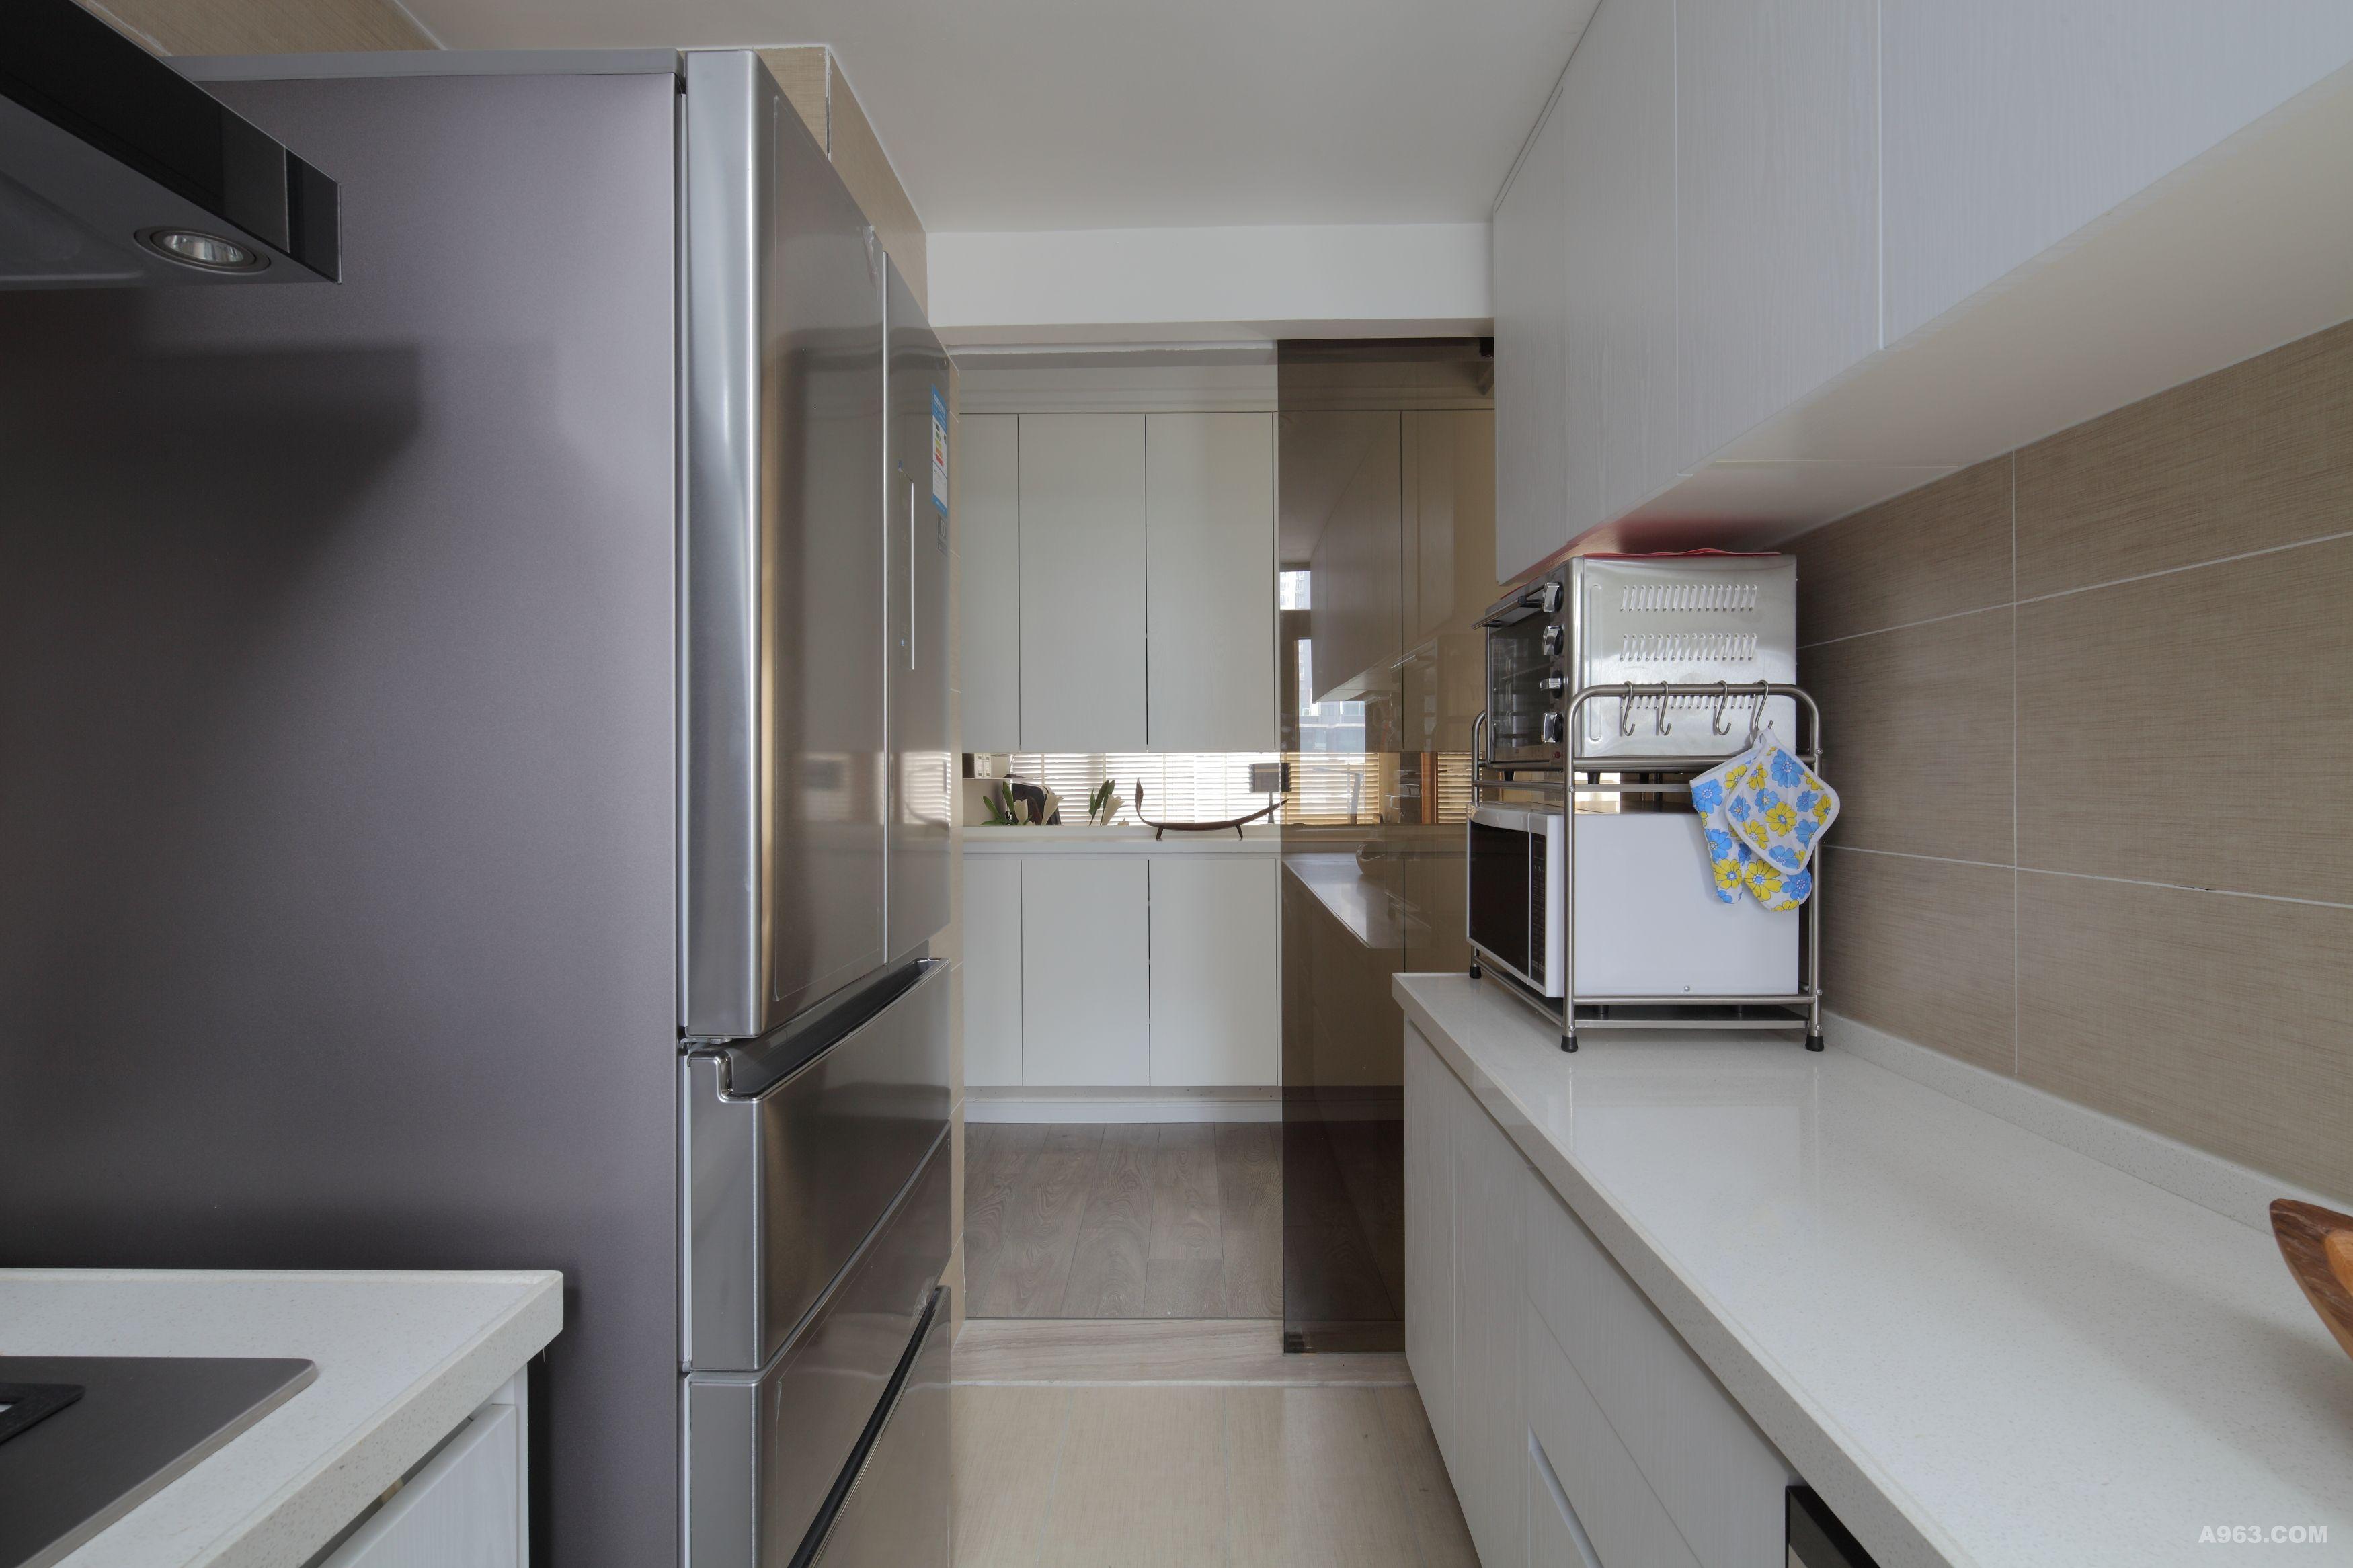 极简无双 - 样板房 - 第3页 - 木子仁室内装饰设计